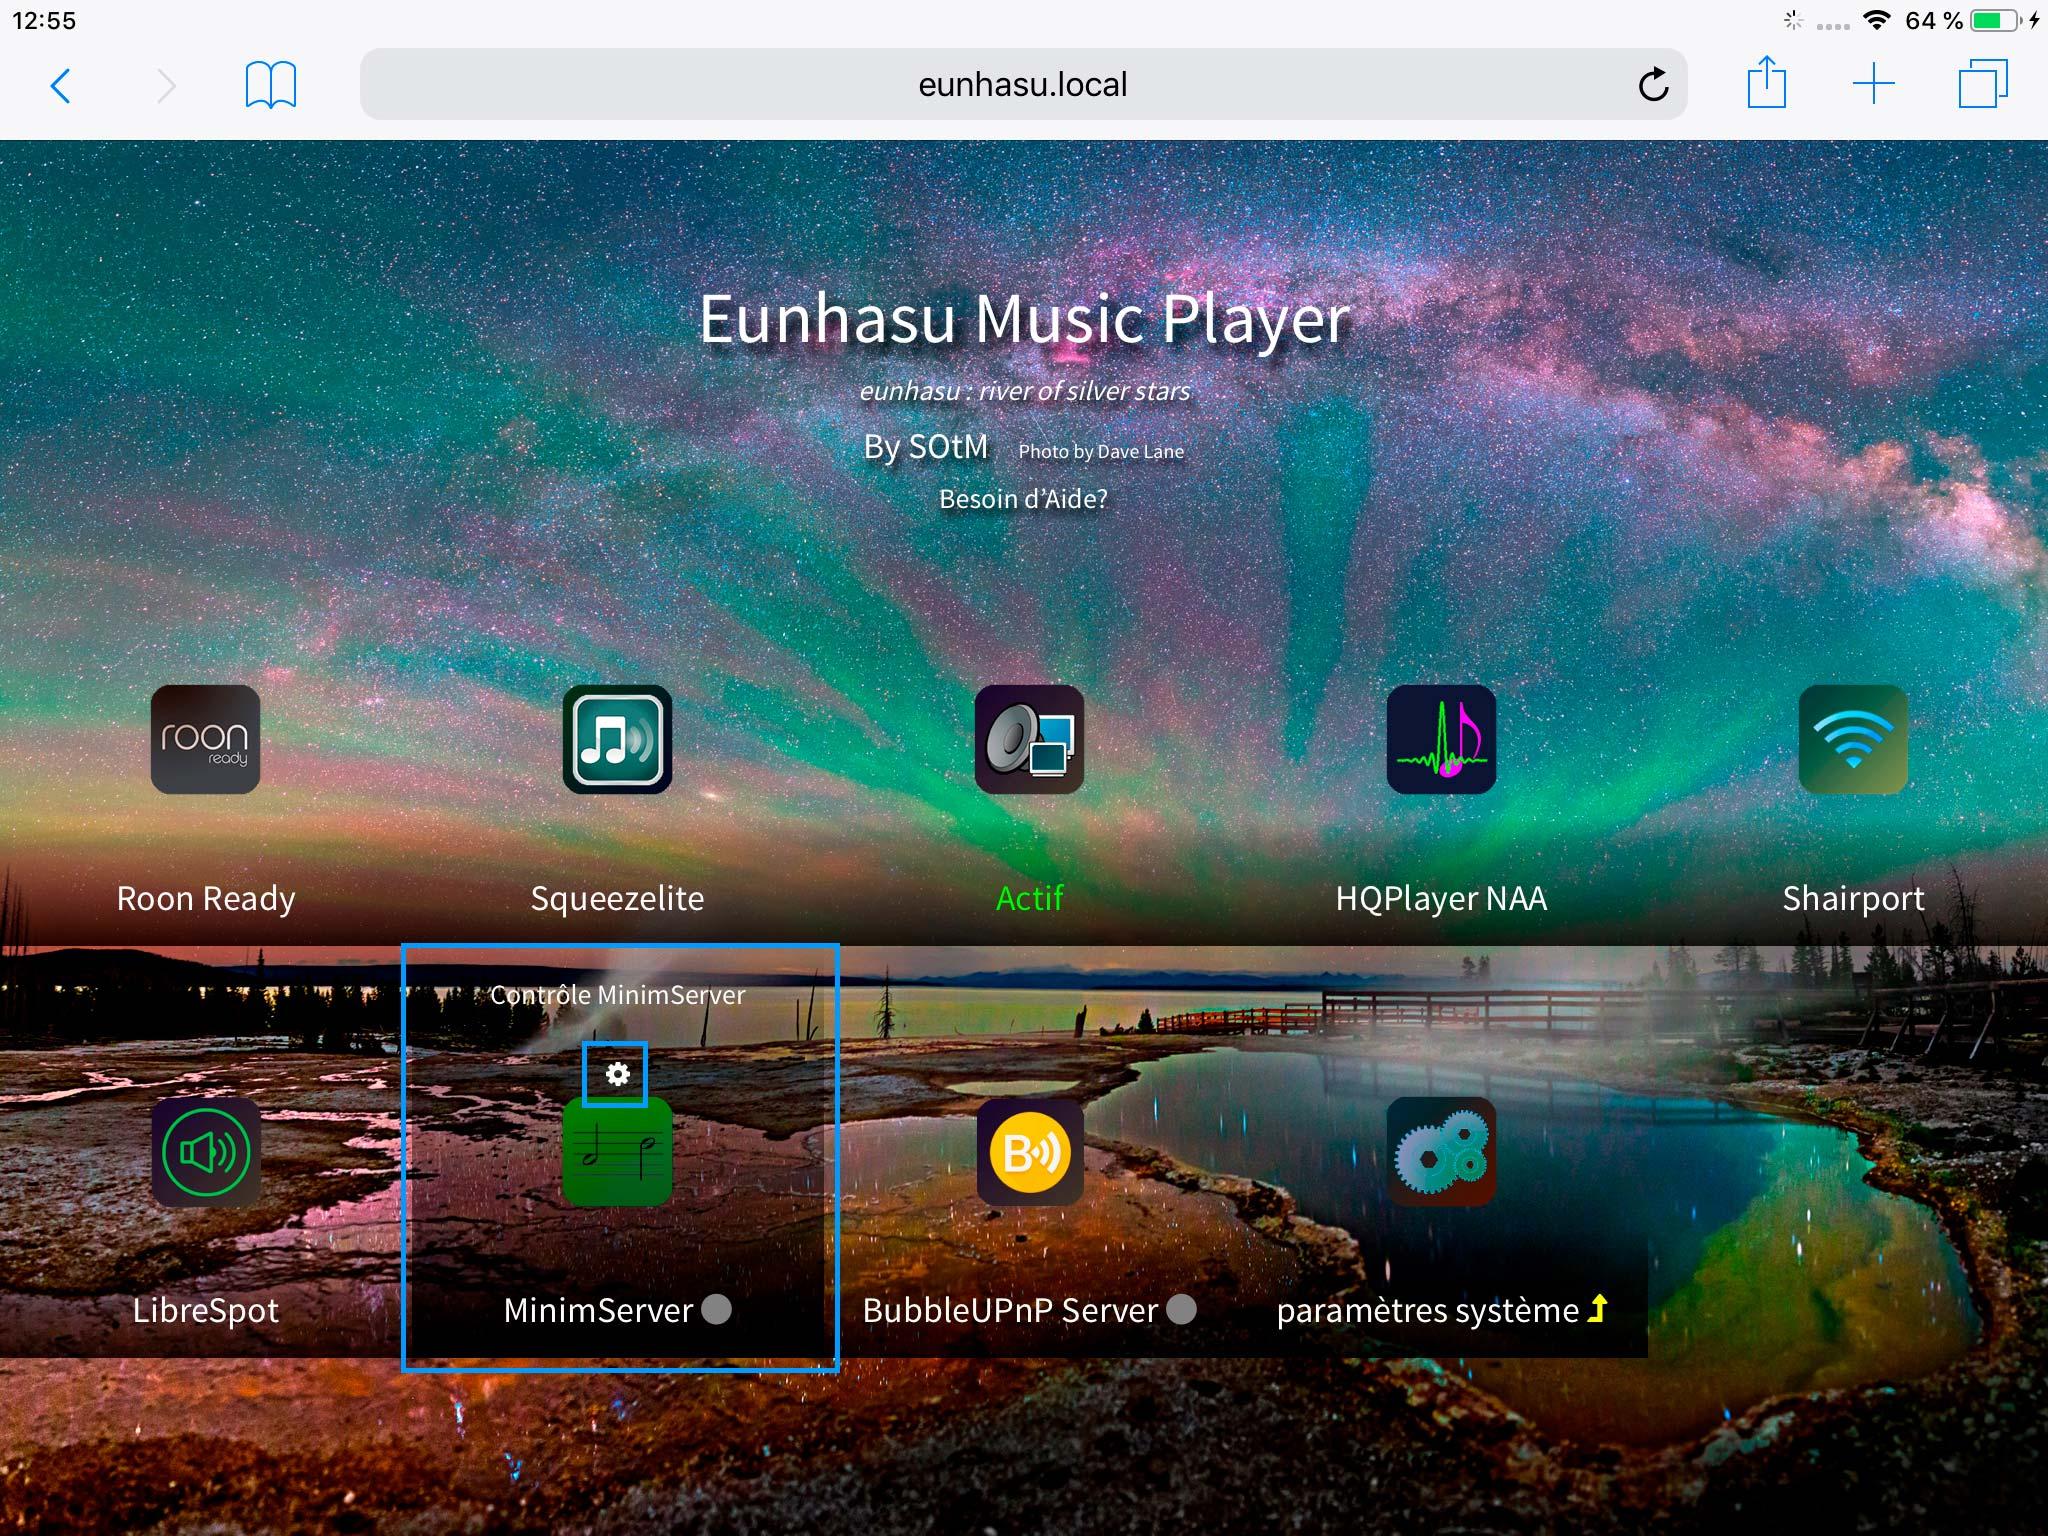 MinimServer: le serveur UPnP intégré au lecteur SOtM sMS-200